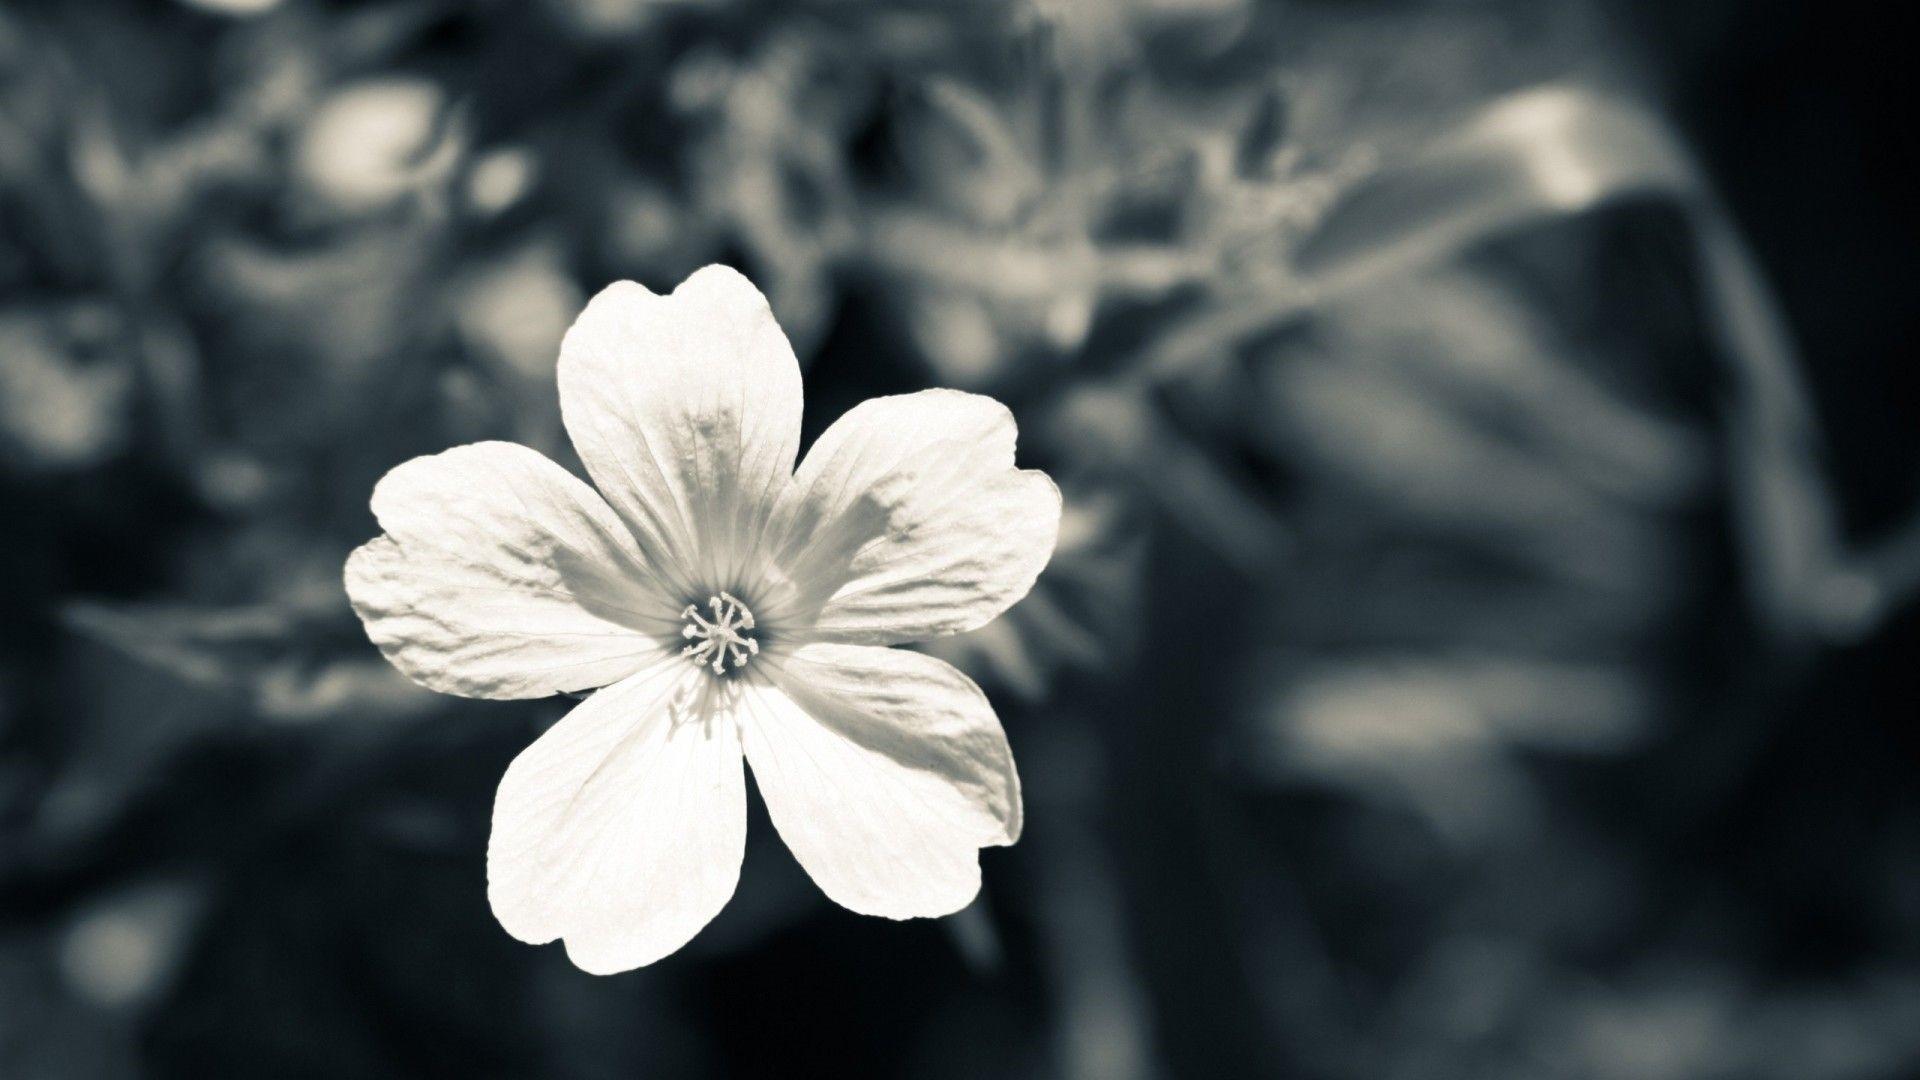 White Flower Wallpaper image hd